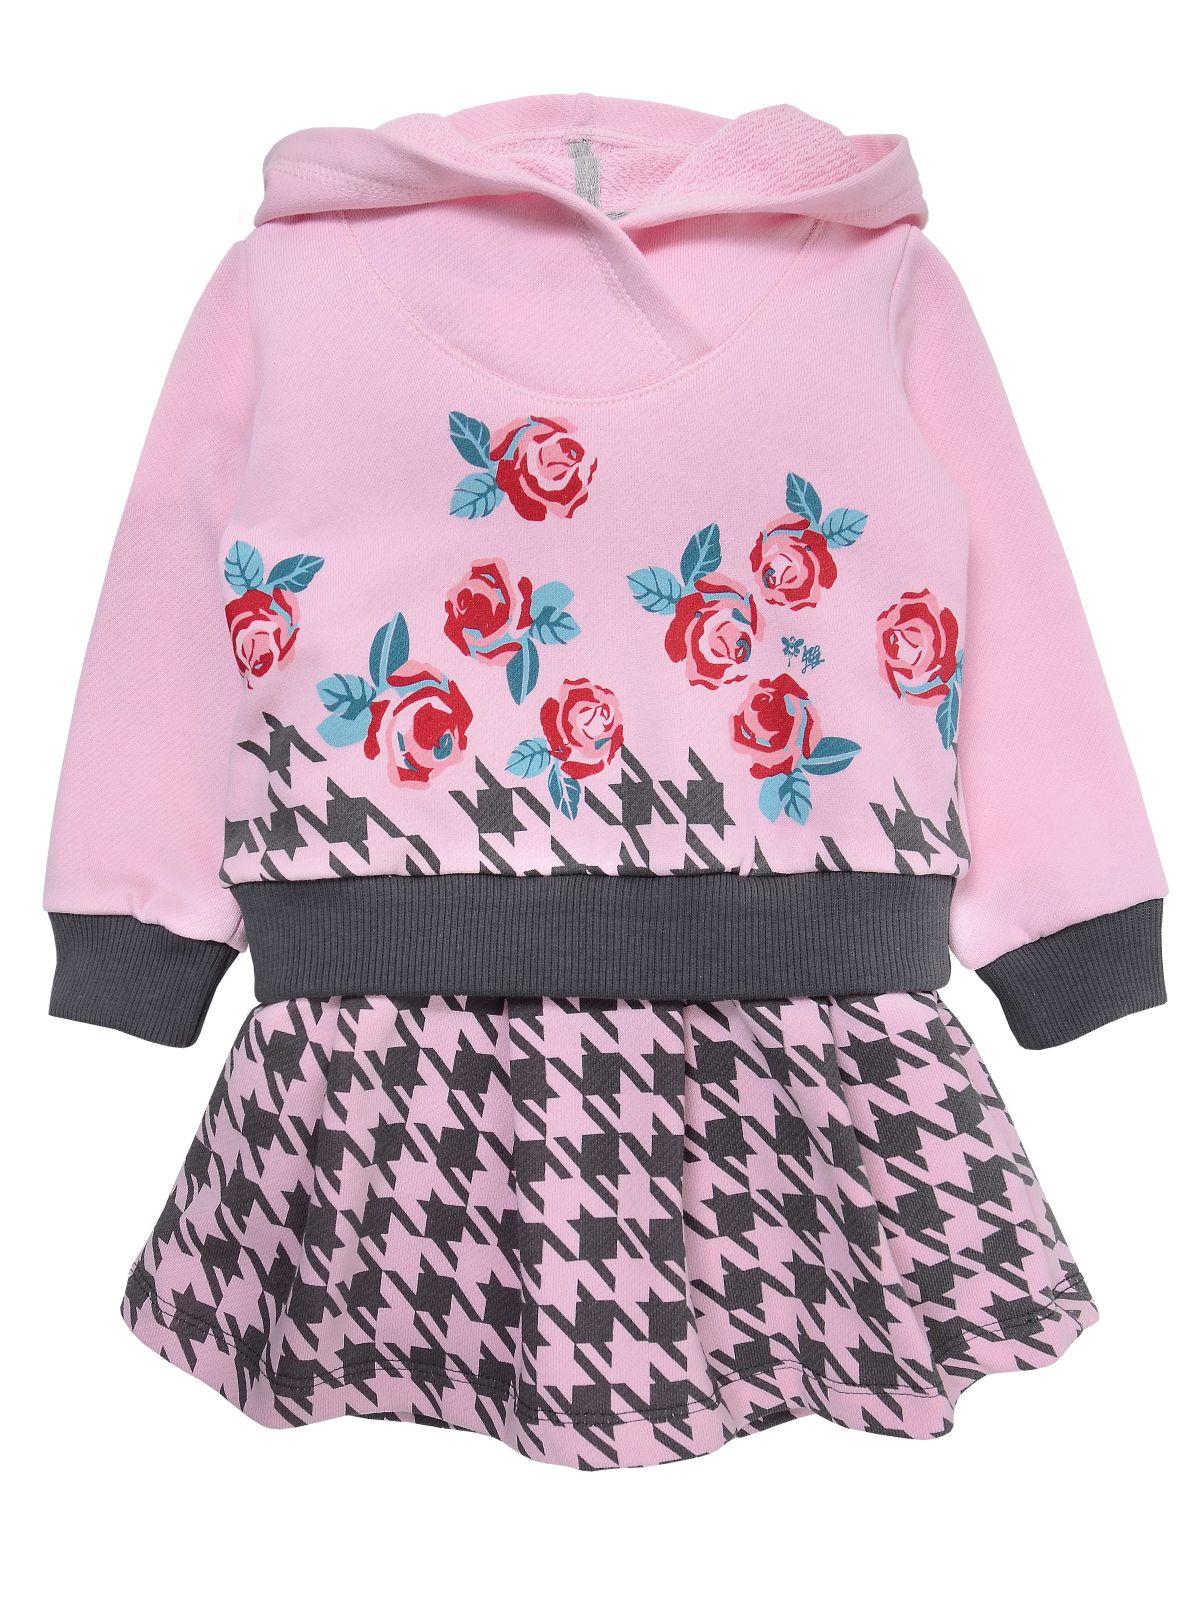 Платье для девочки Мамуляндия 19-825 Футер, Розовый р. 86 фото